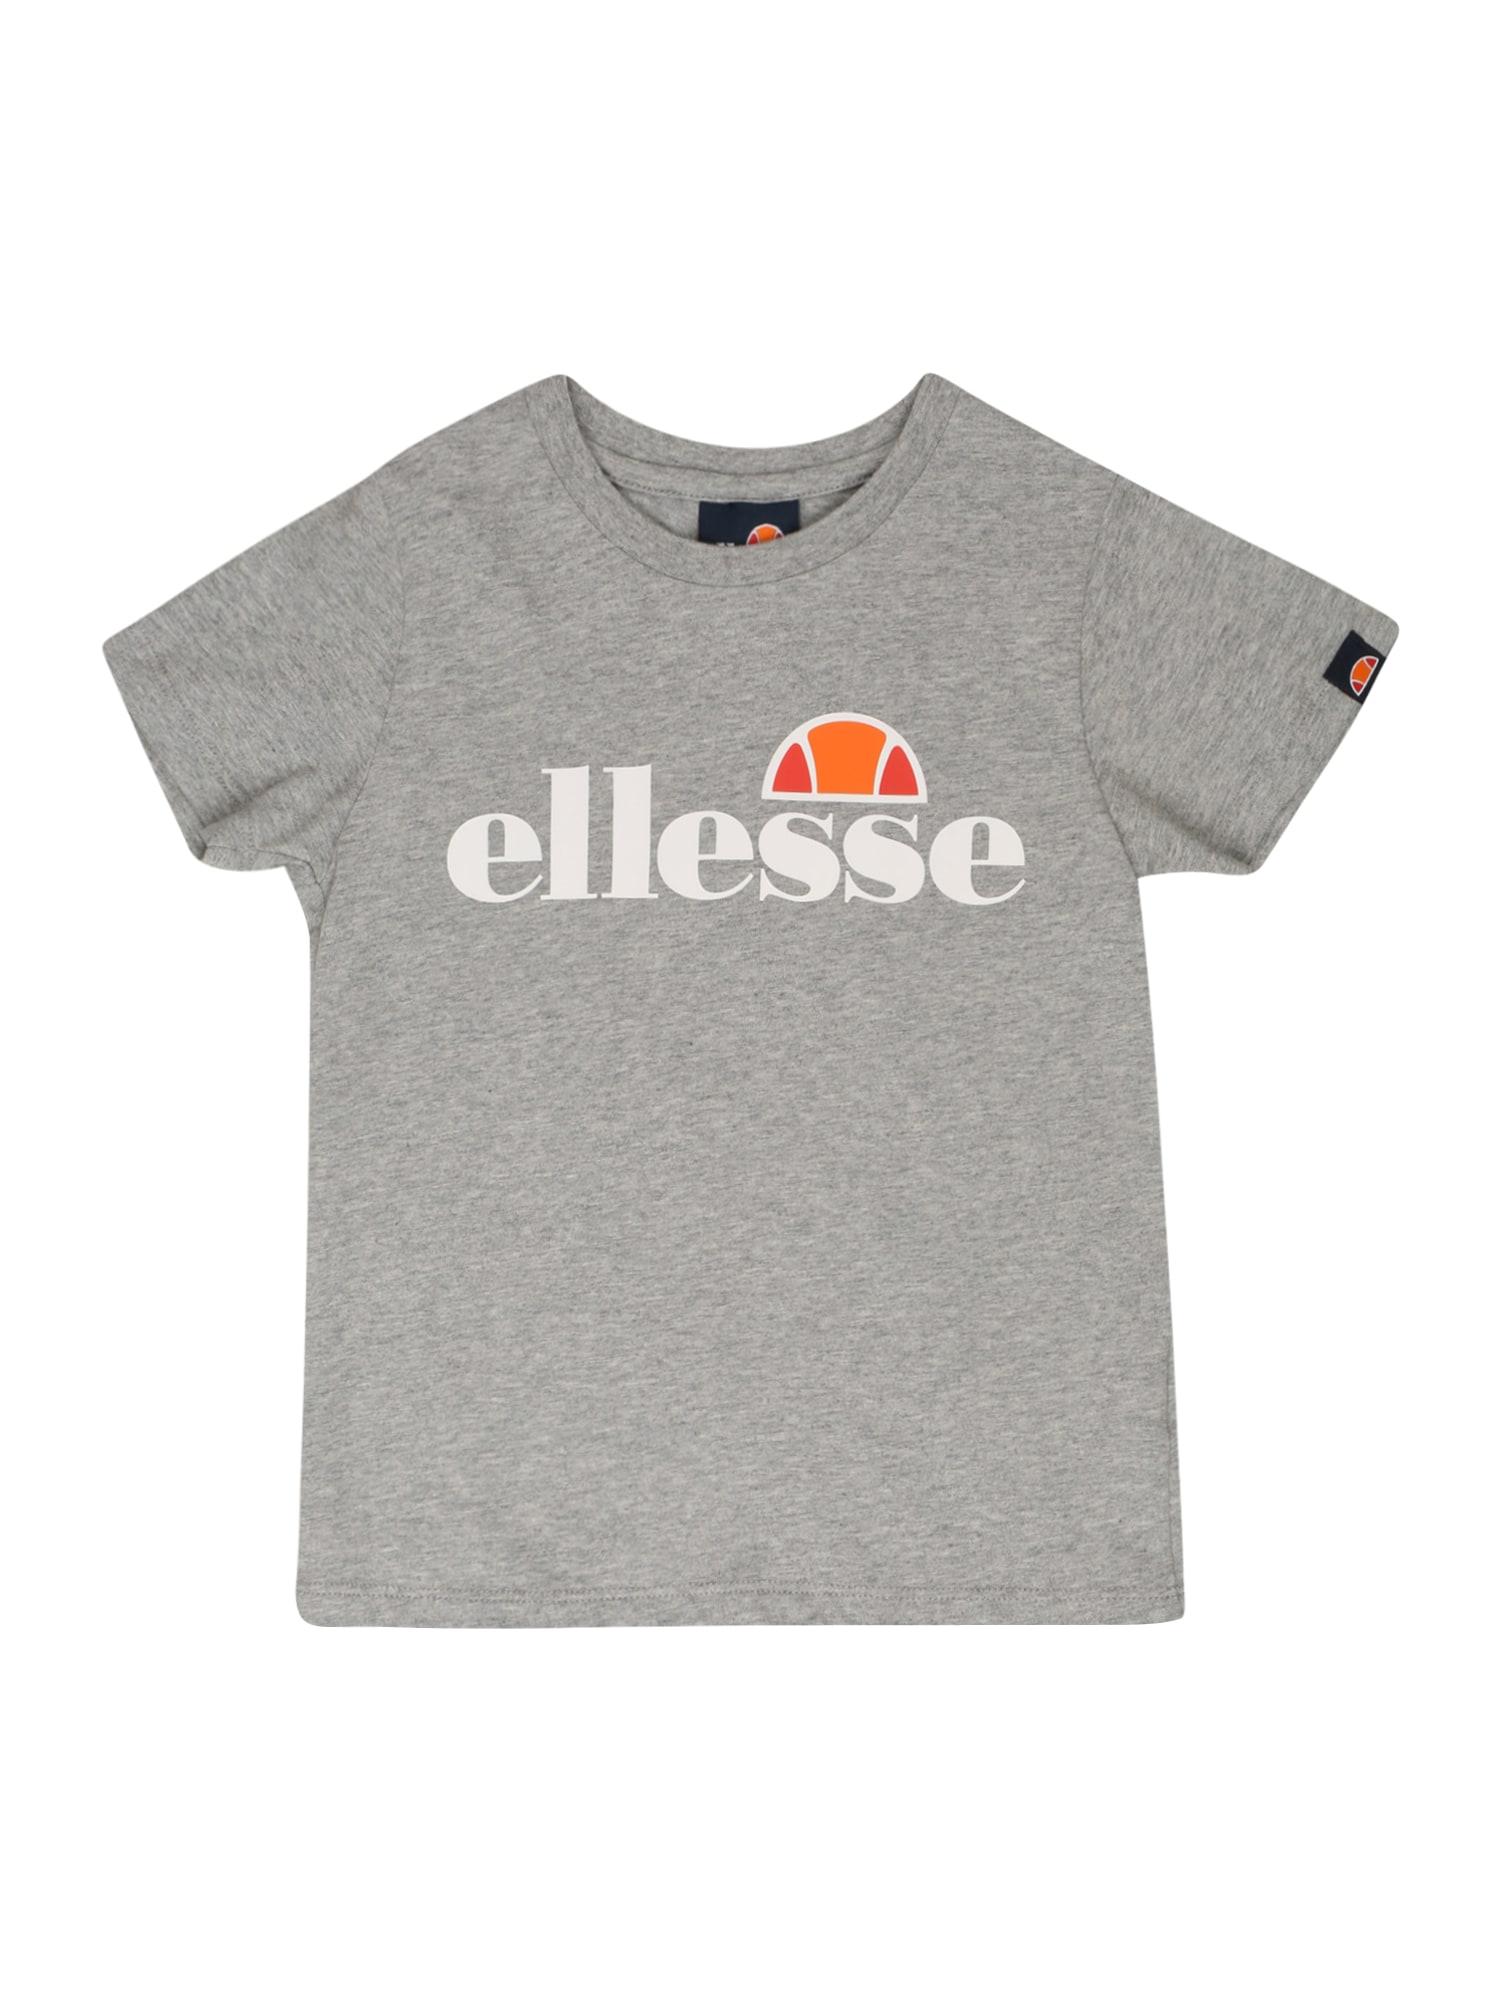 ELLESSE Marškinėliai 'Malia' margai pilka / balta / oranžinė / raudona